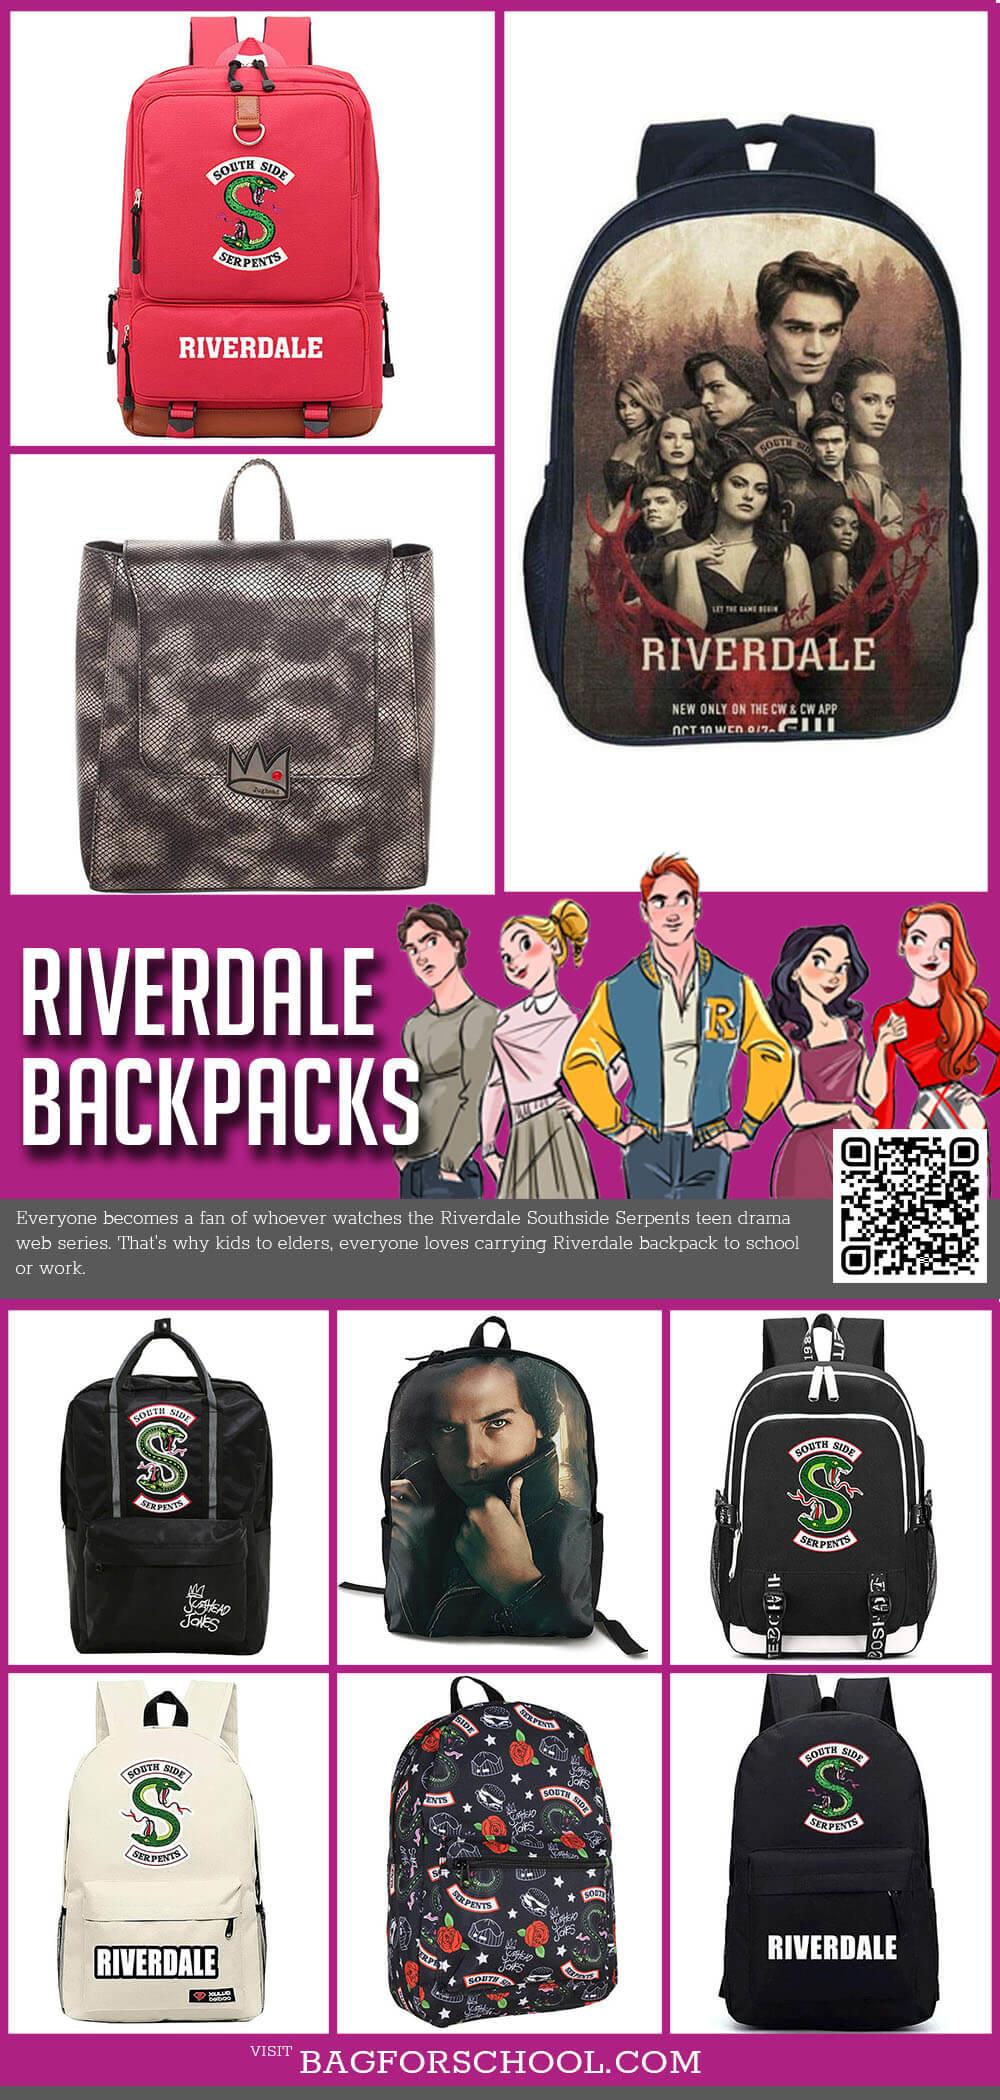 Riverdale Backpacks